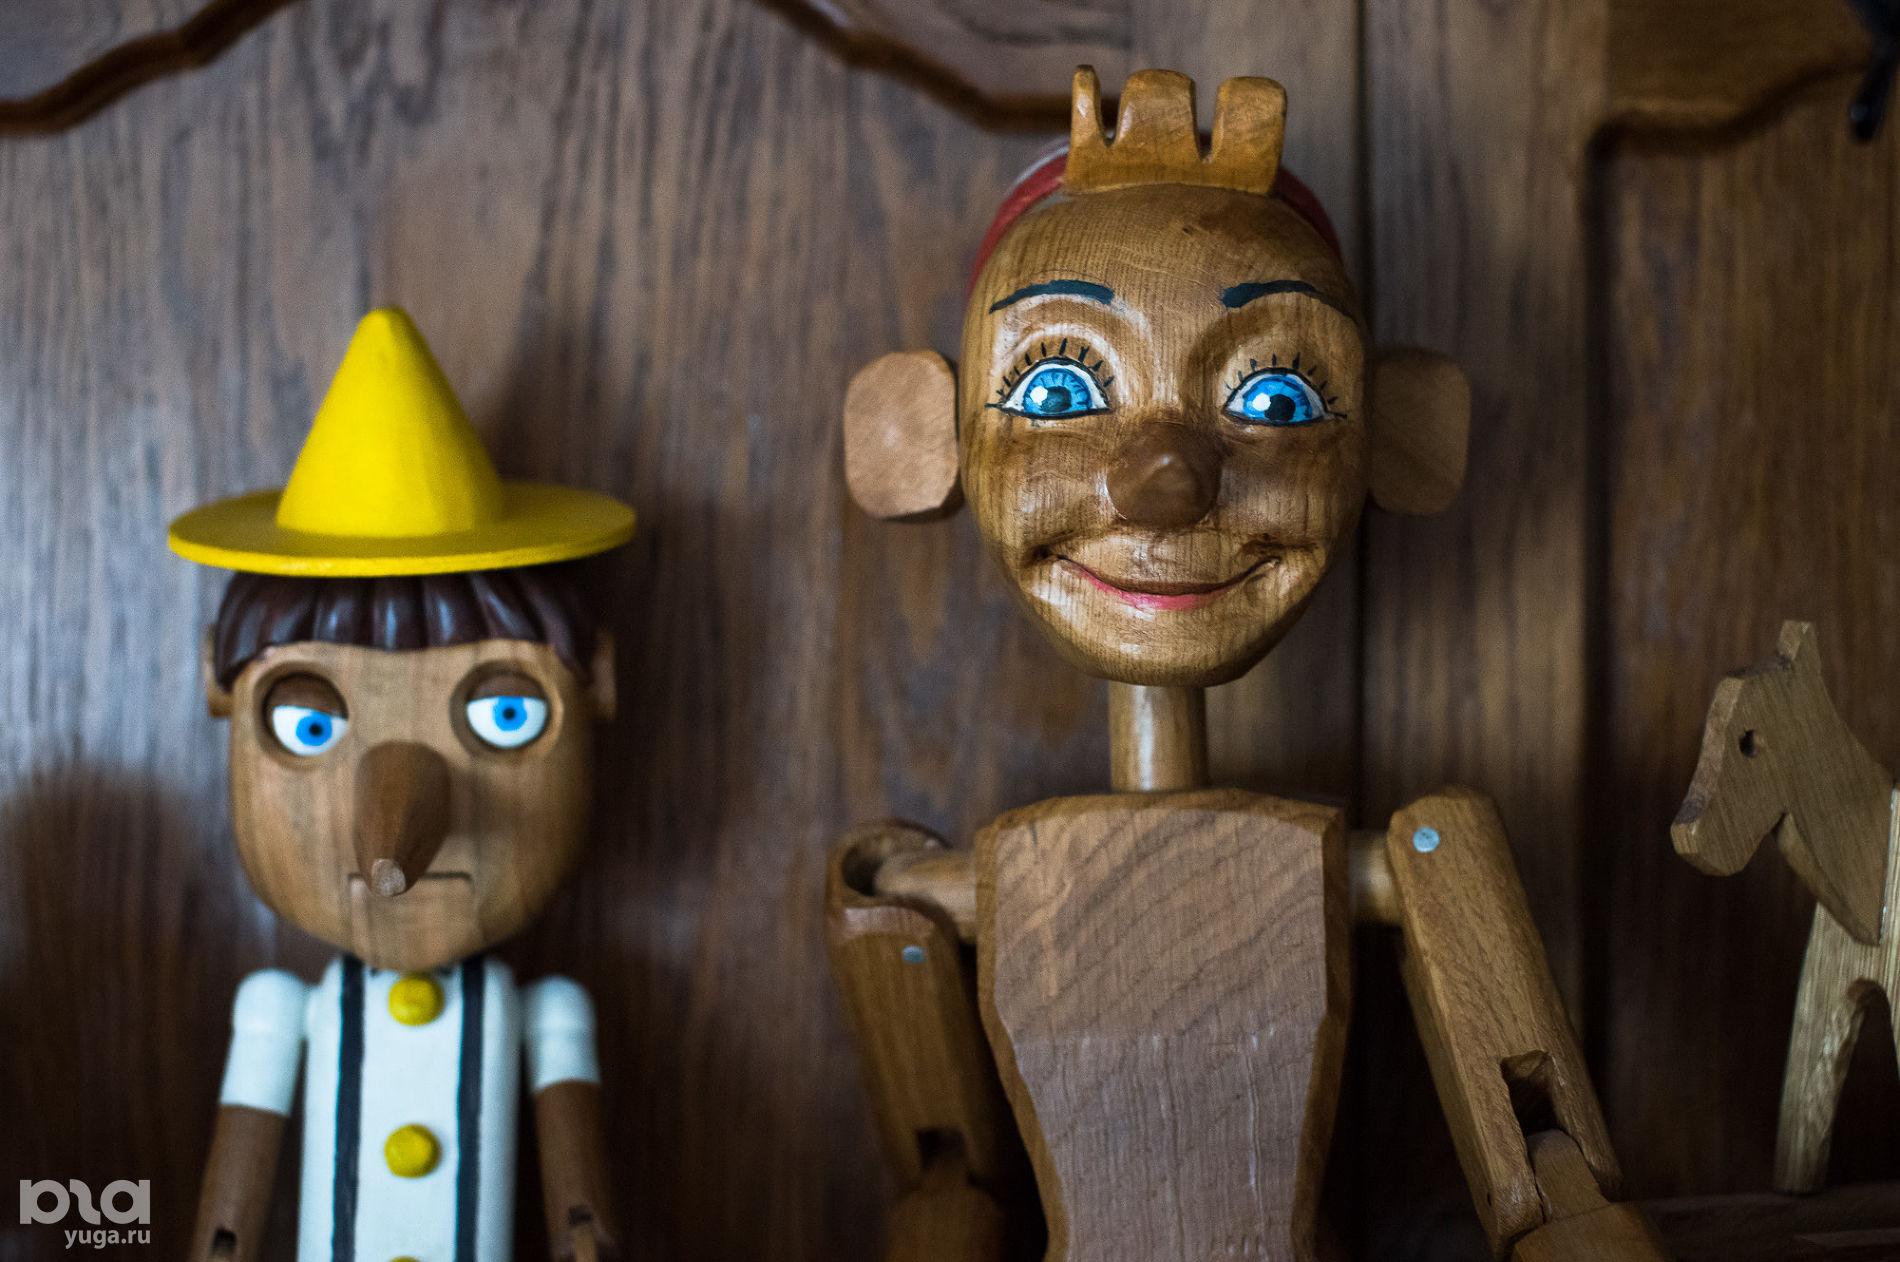 Пиноккио и Буратино ©Фото Елены Синеок, Юга.ру